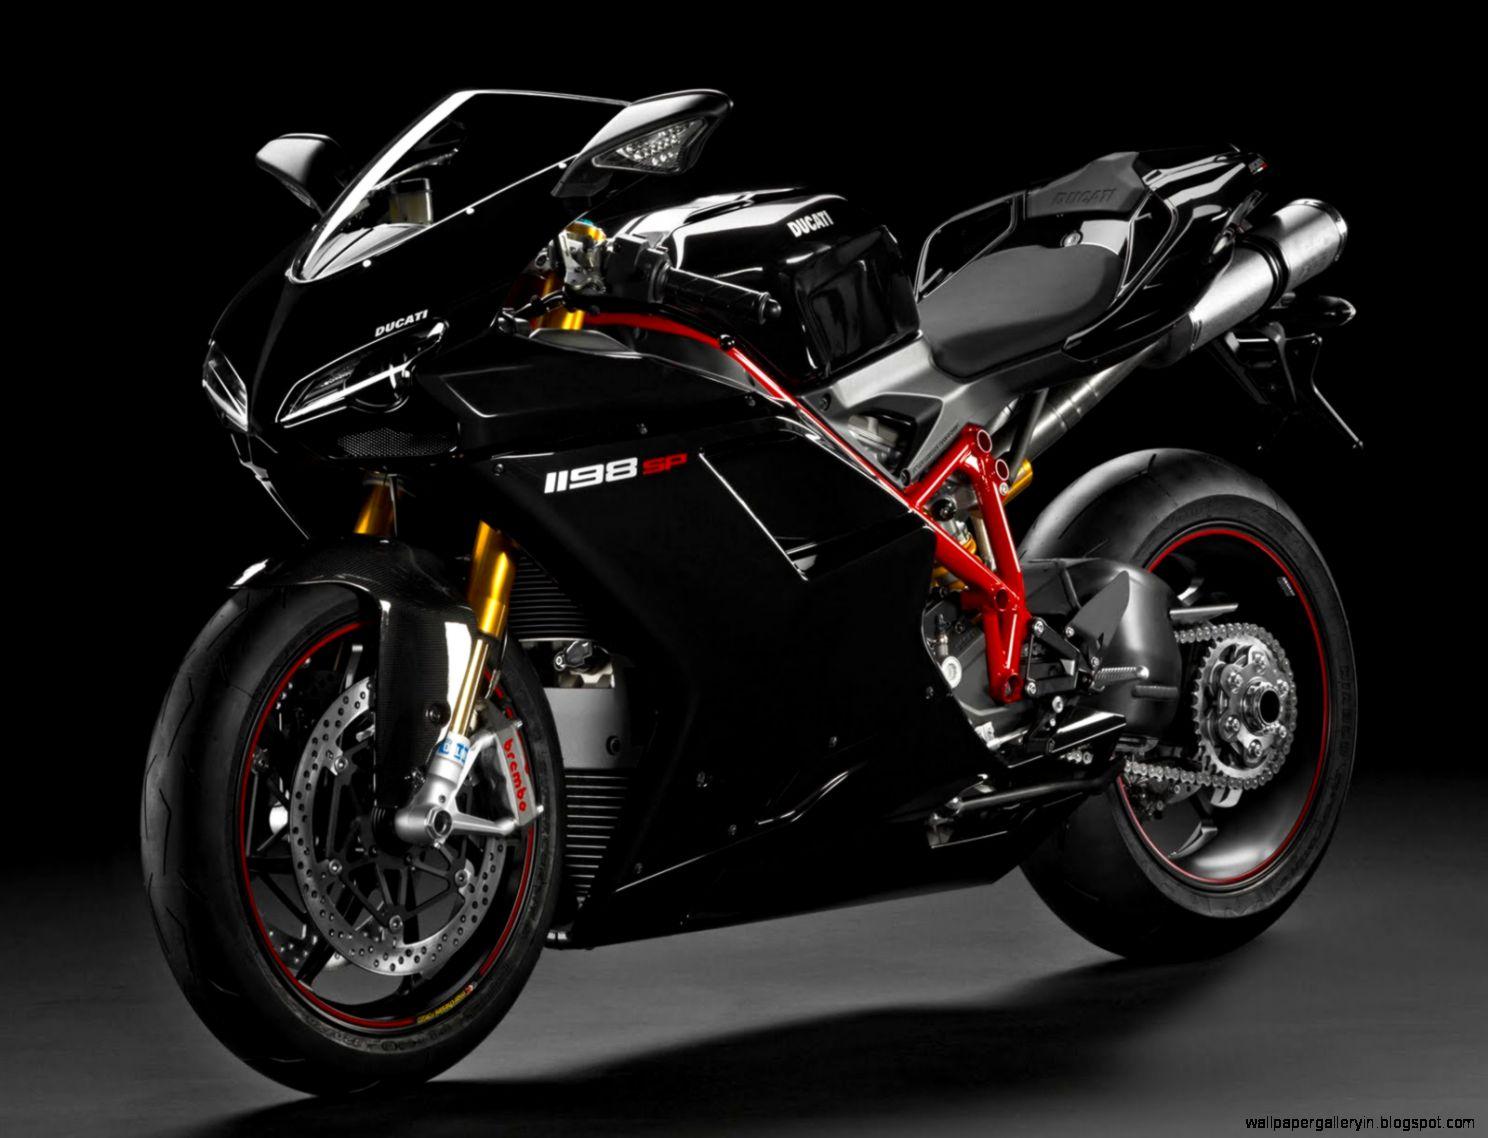 Superbike Ducati 1198SP Black Wallpaper HD 13791 Wallpaper